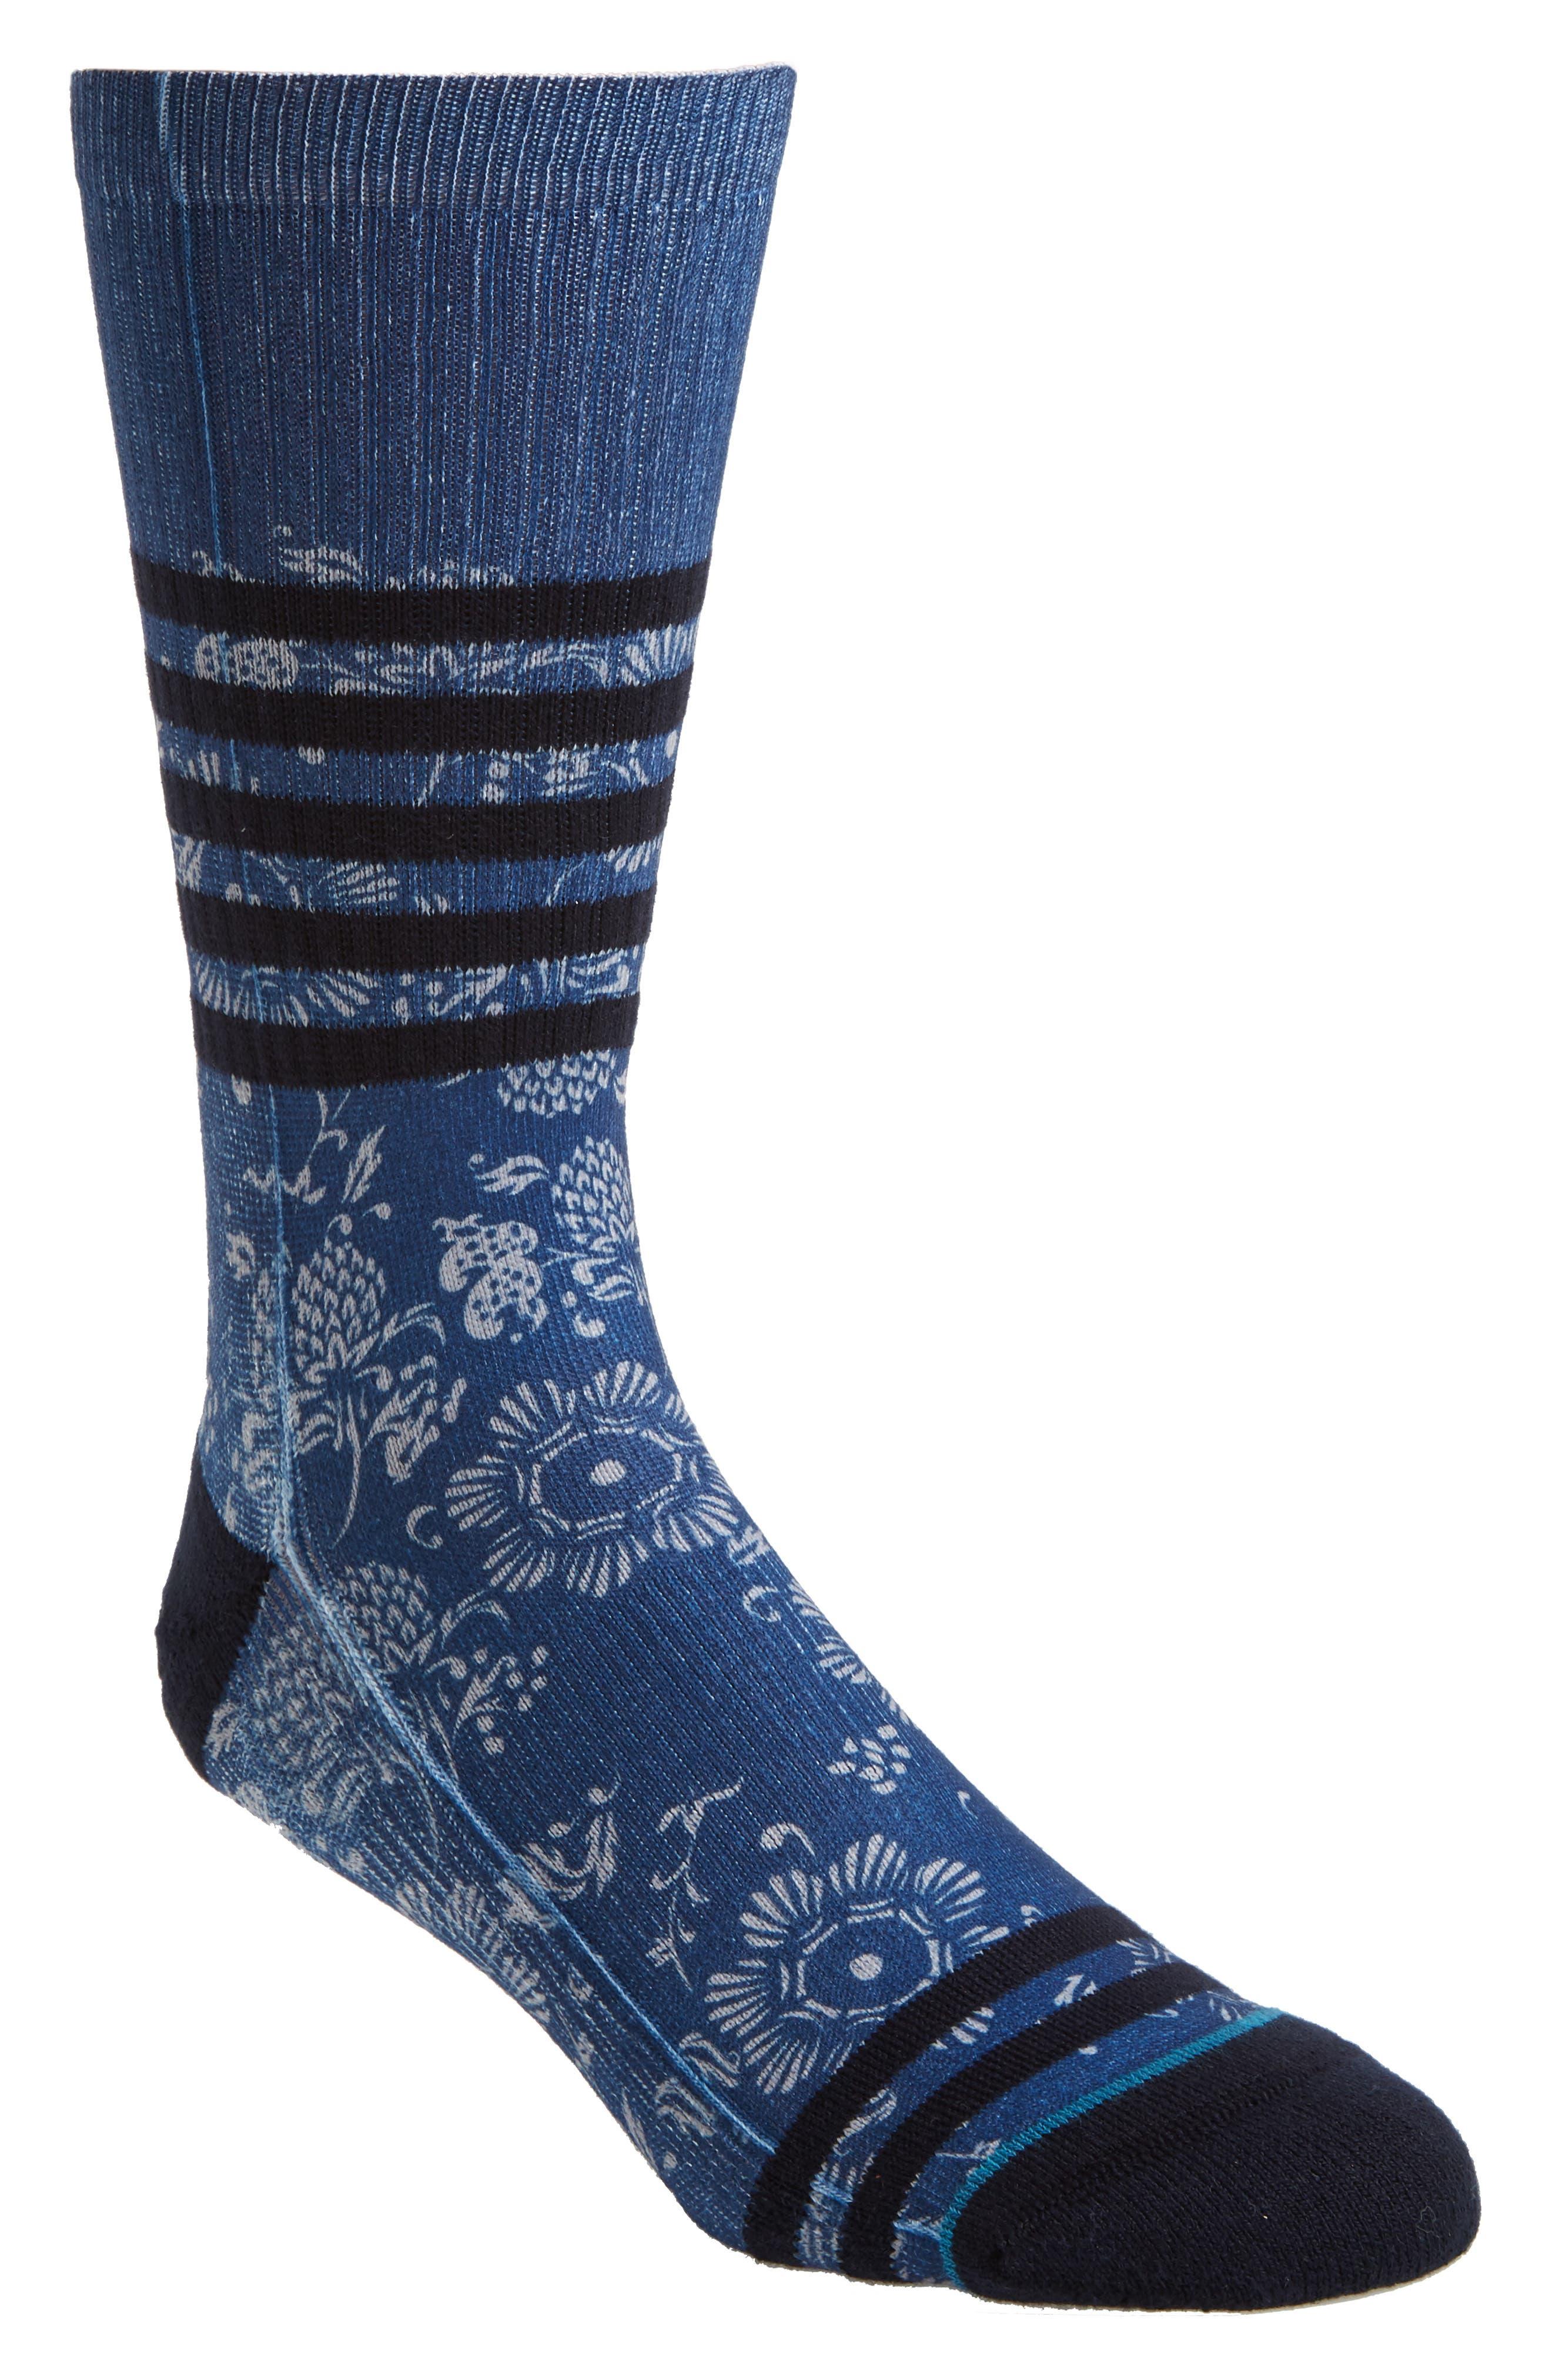 Main Image - Stance Briar Socks